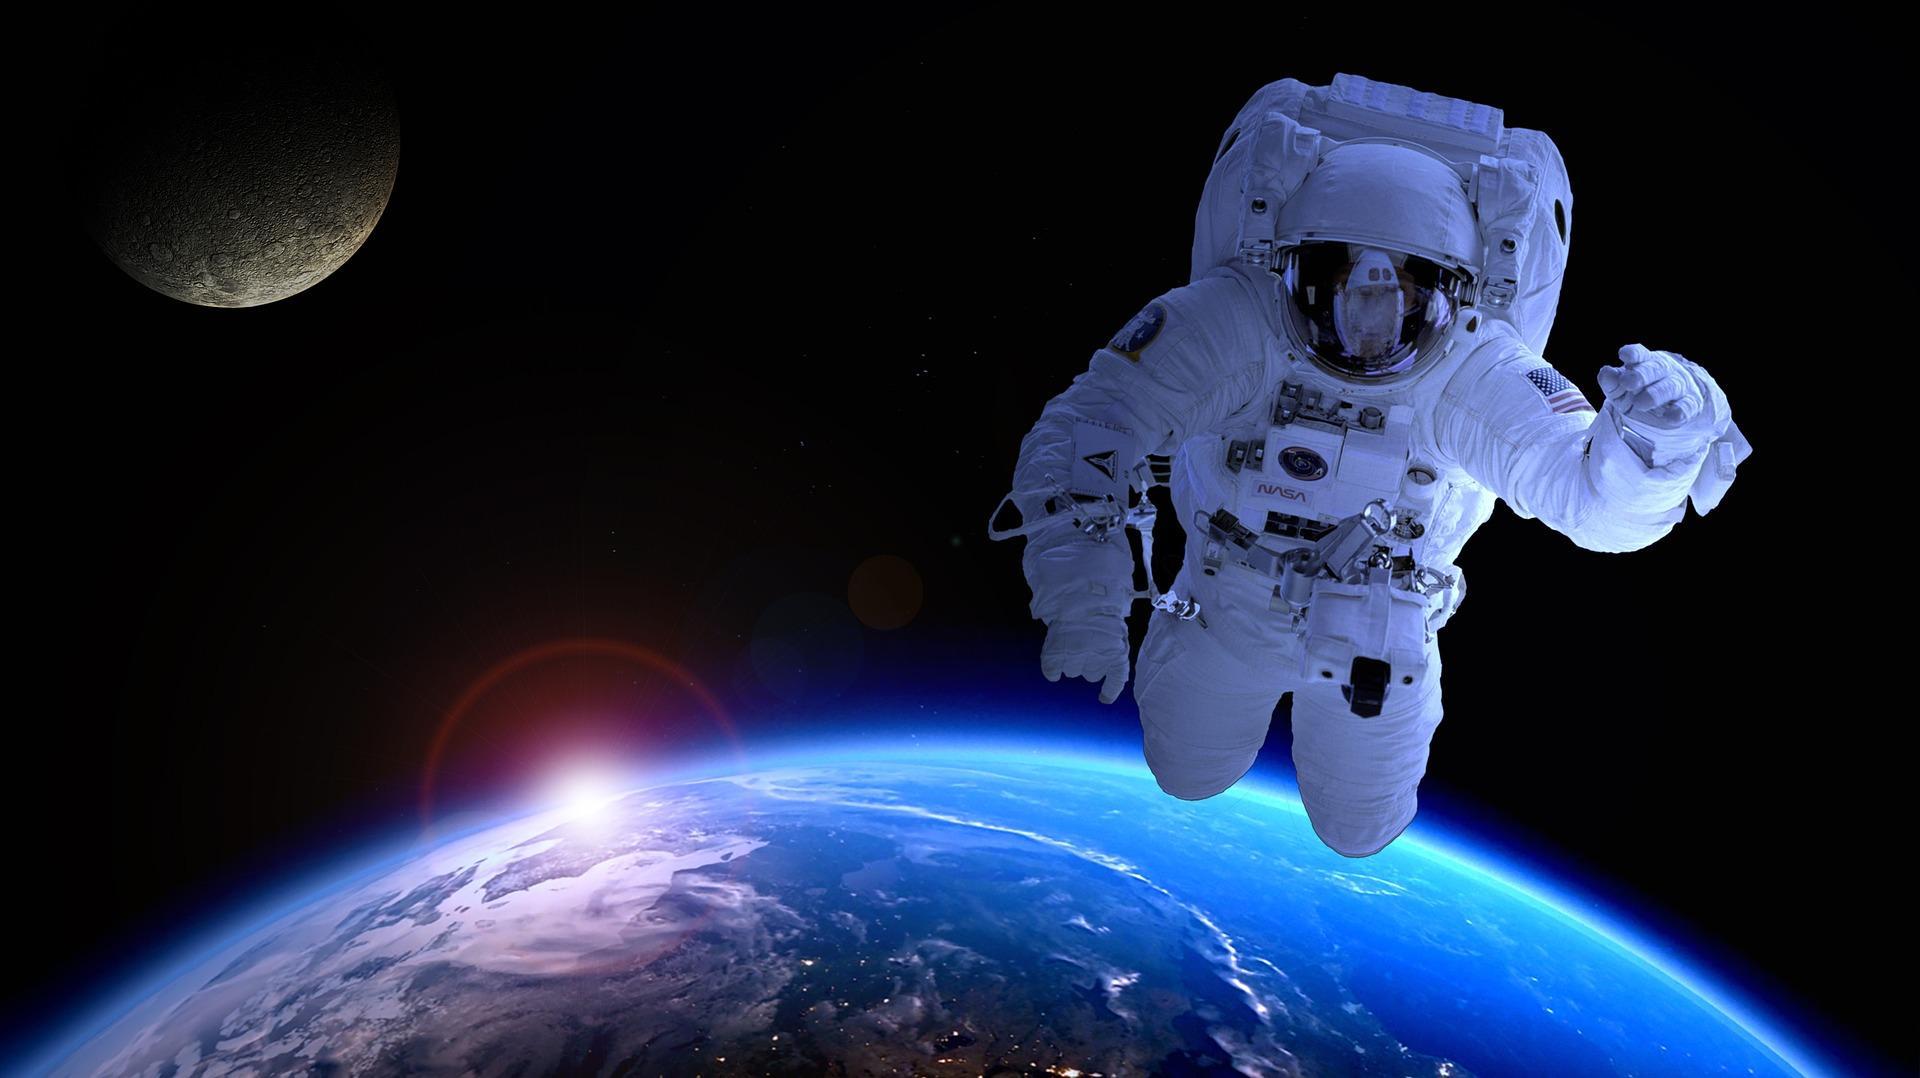 Полет на Луну бесплатно: японский миллиардер оплатит путешествие